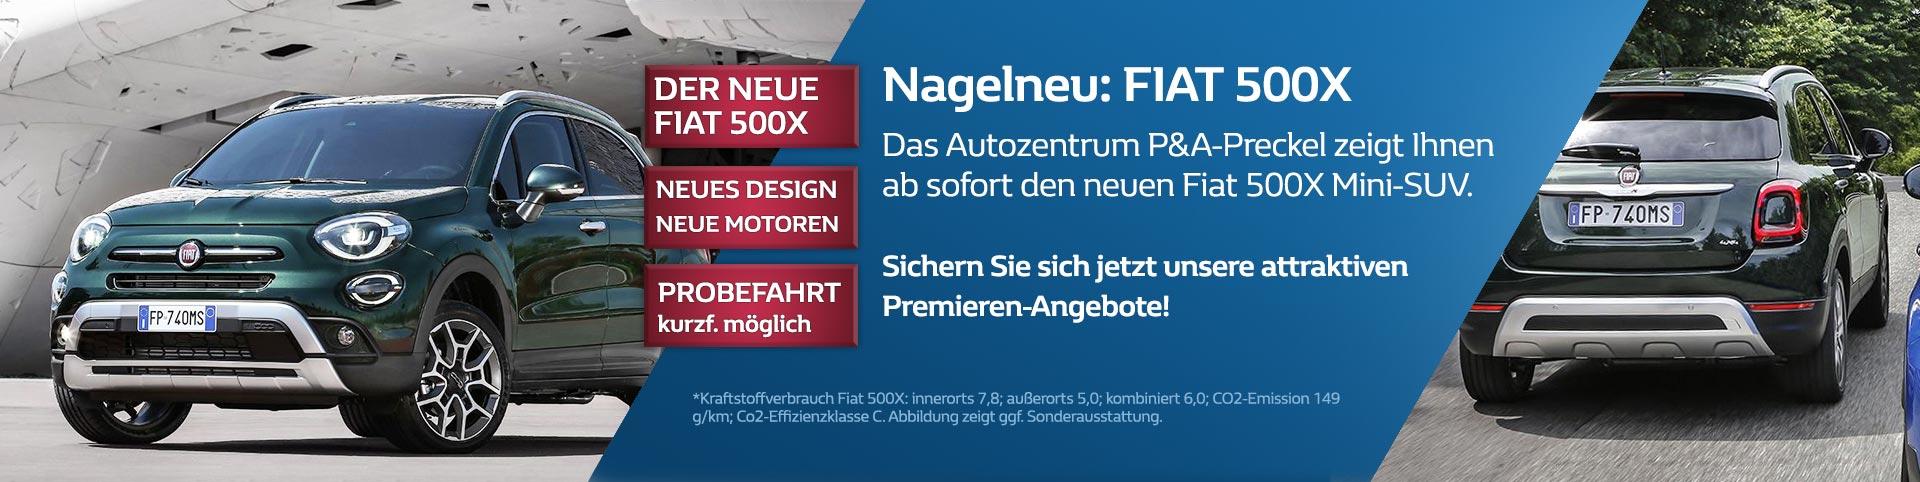 Der neue Fiat 500X von P&A-Preckel